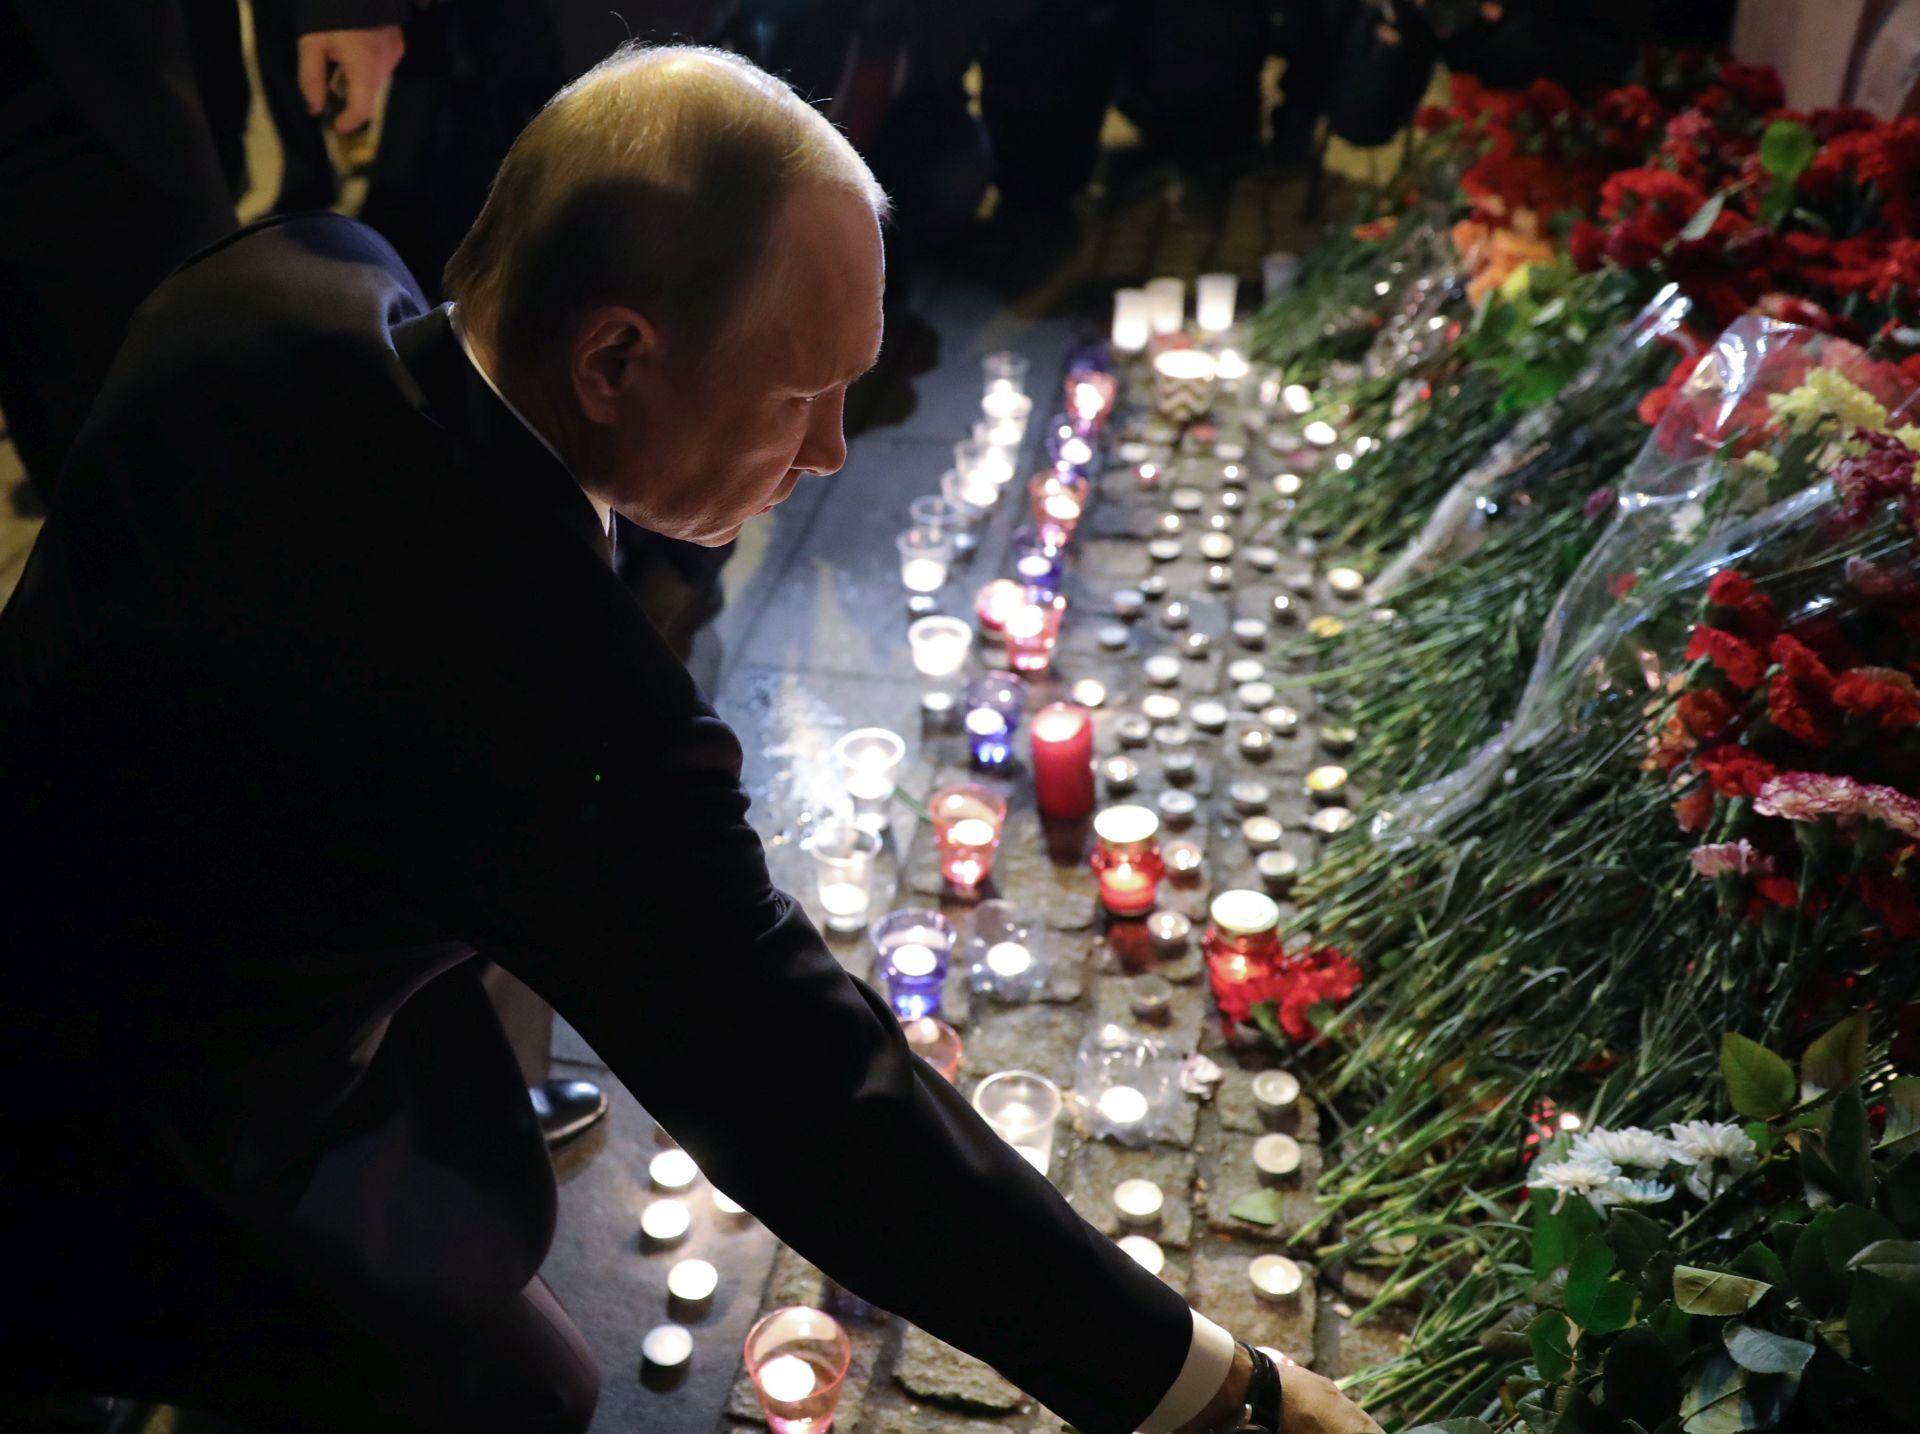 Broj žrtava napada u Sankt Peterburgu porastao na 14, ranjenih 49